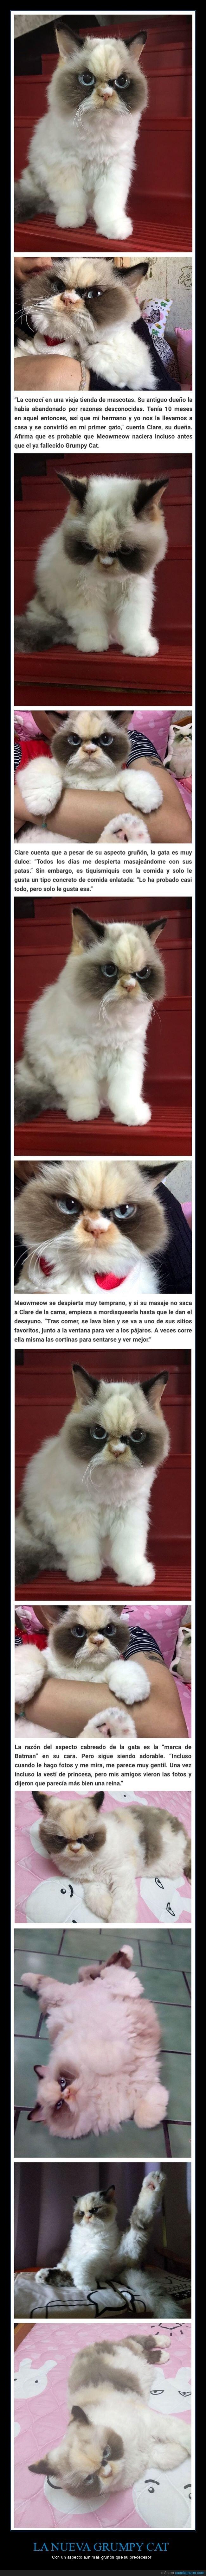 gato,grumpy cat,gruñón,nueva